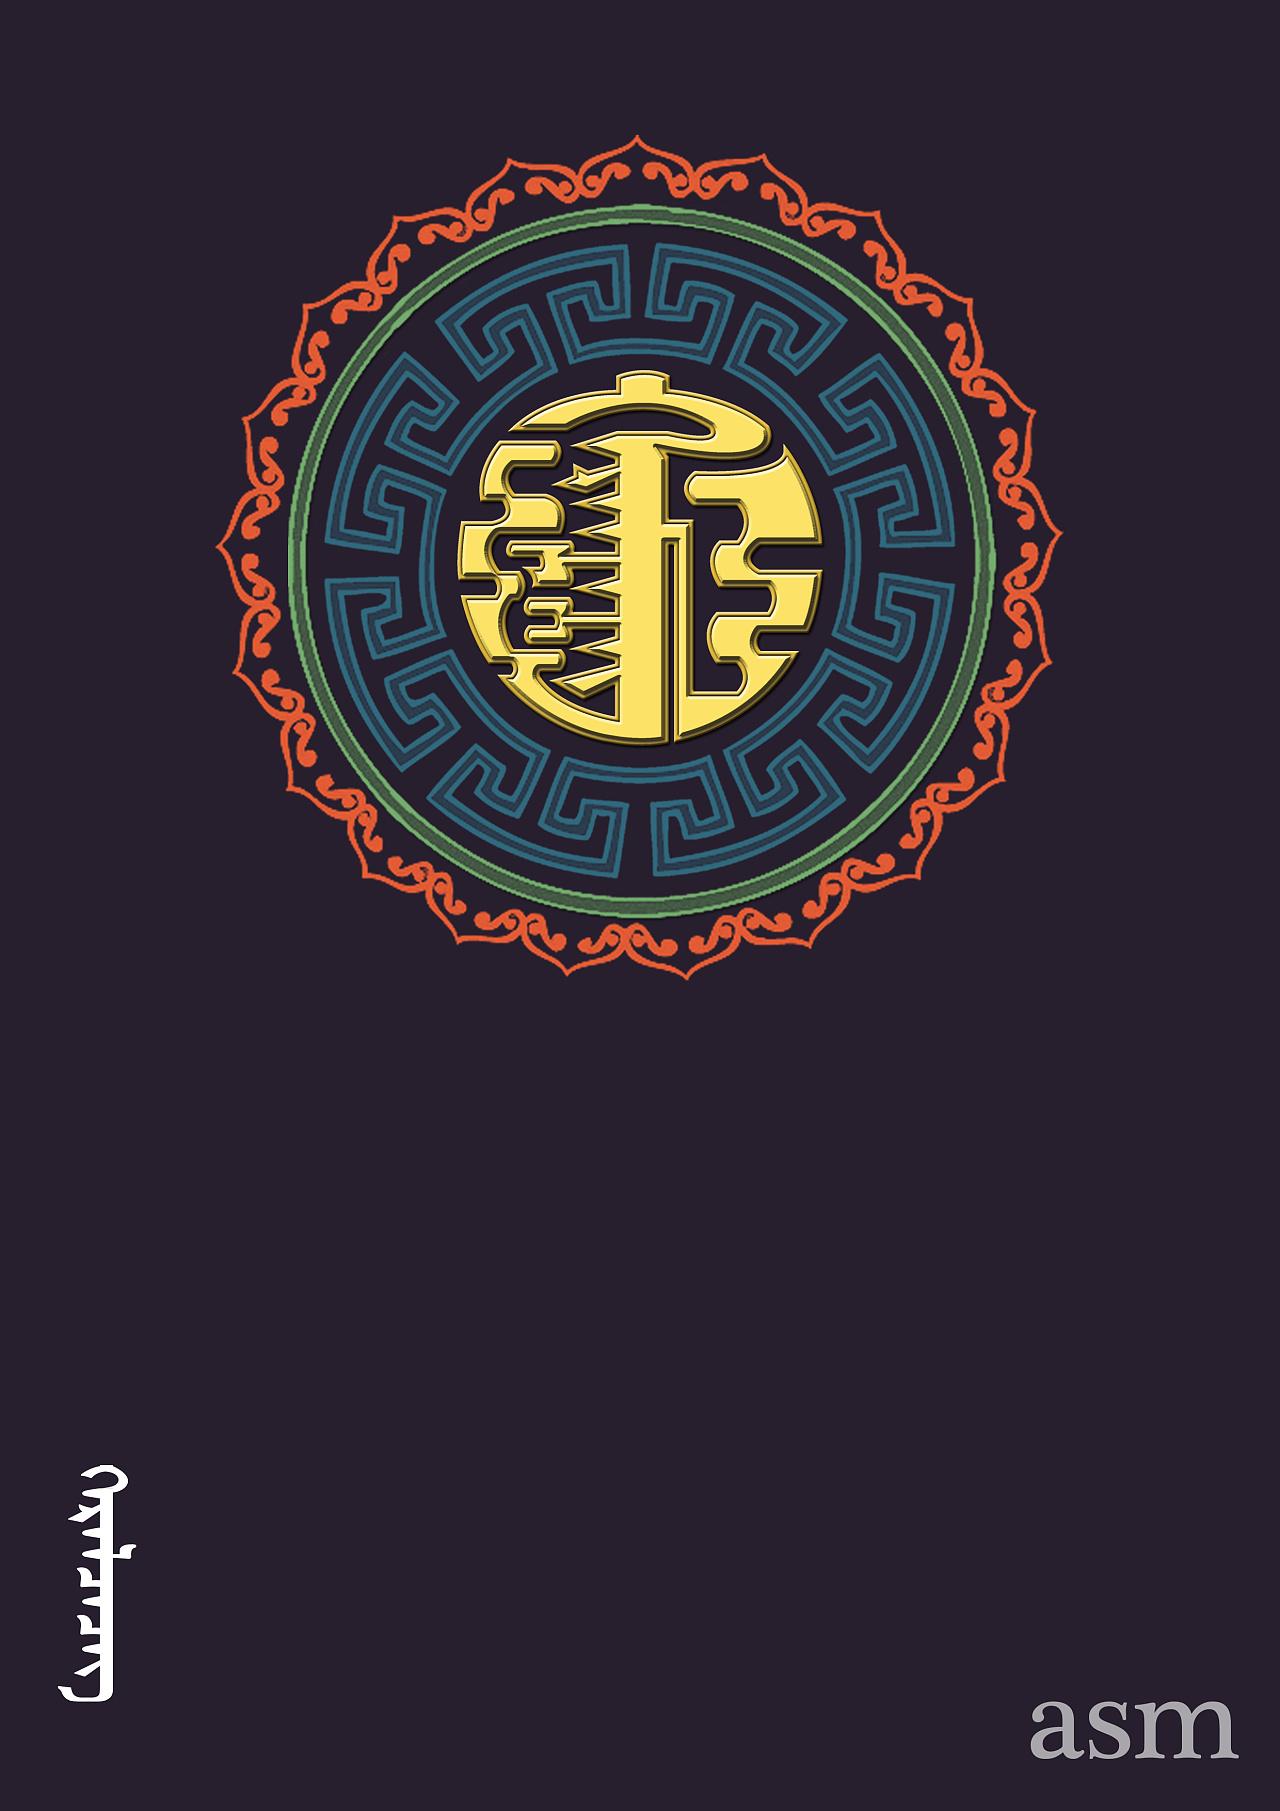 蒙古艺术文字4 -阿斯玛设计 第9张